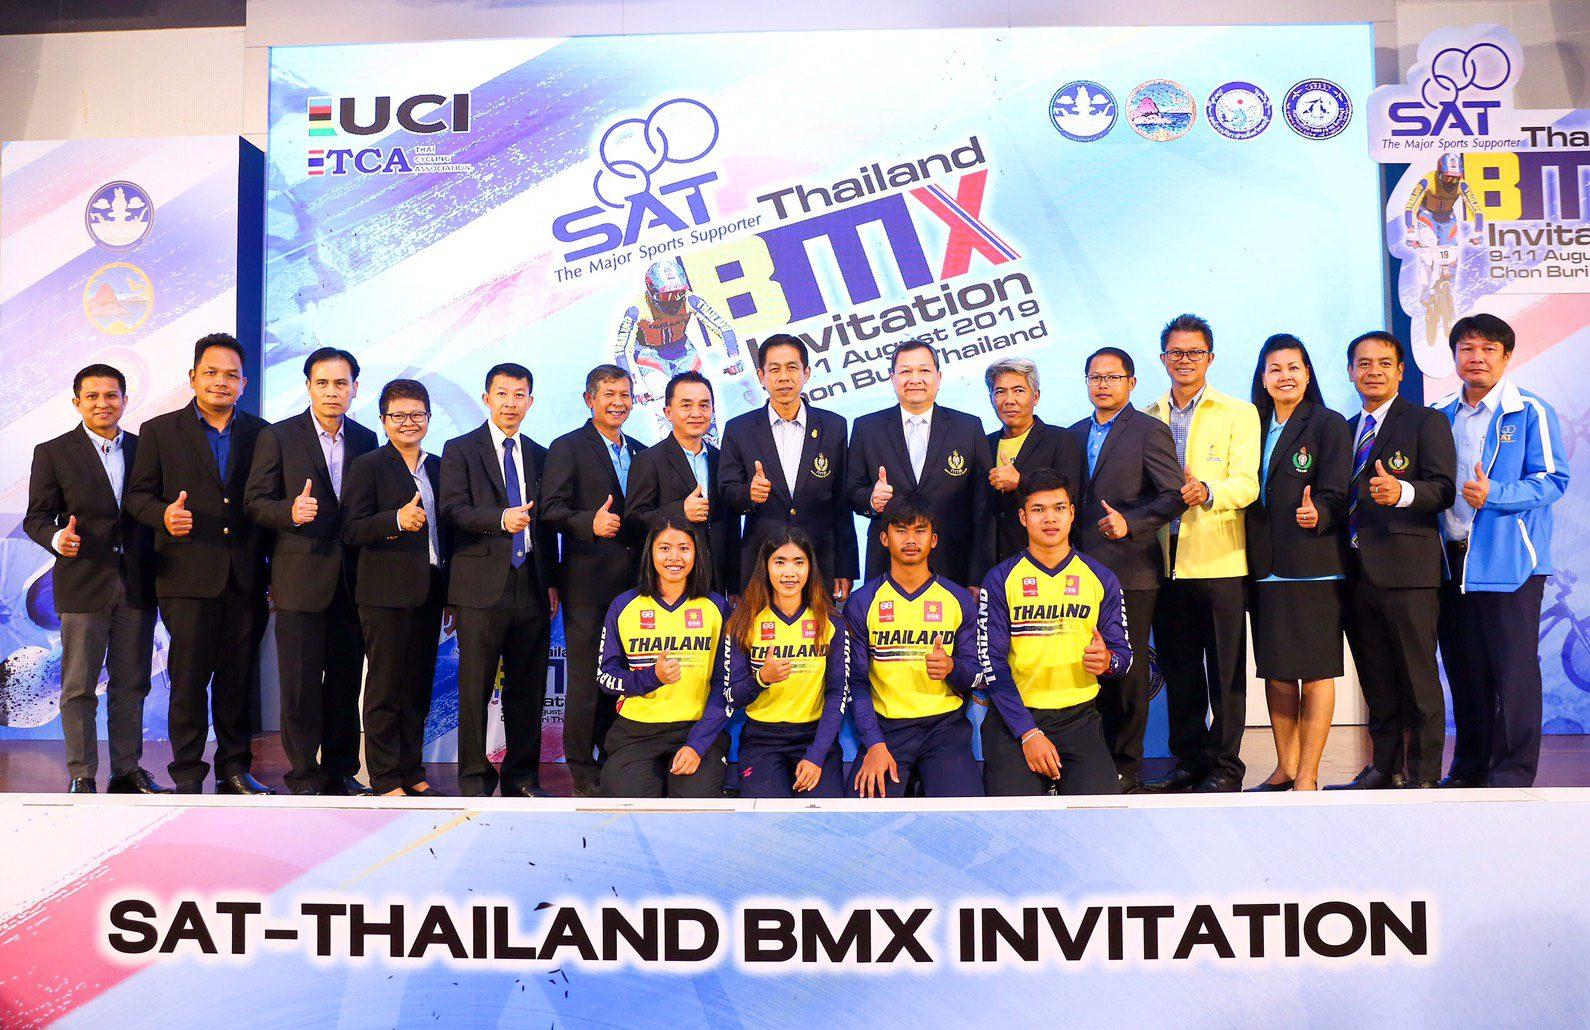 """""""กกท."""" เดินเครื่องสร้างอุตสาหกรรมกีฬาและการท่องเที่ยว ระเบิดศึกระดับนานาชาติ """"SAT-Thailand BMX Invitation 2019"""""""